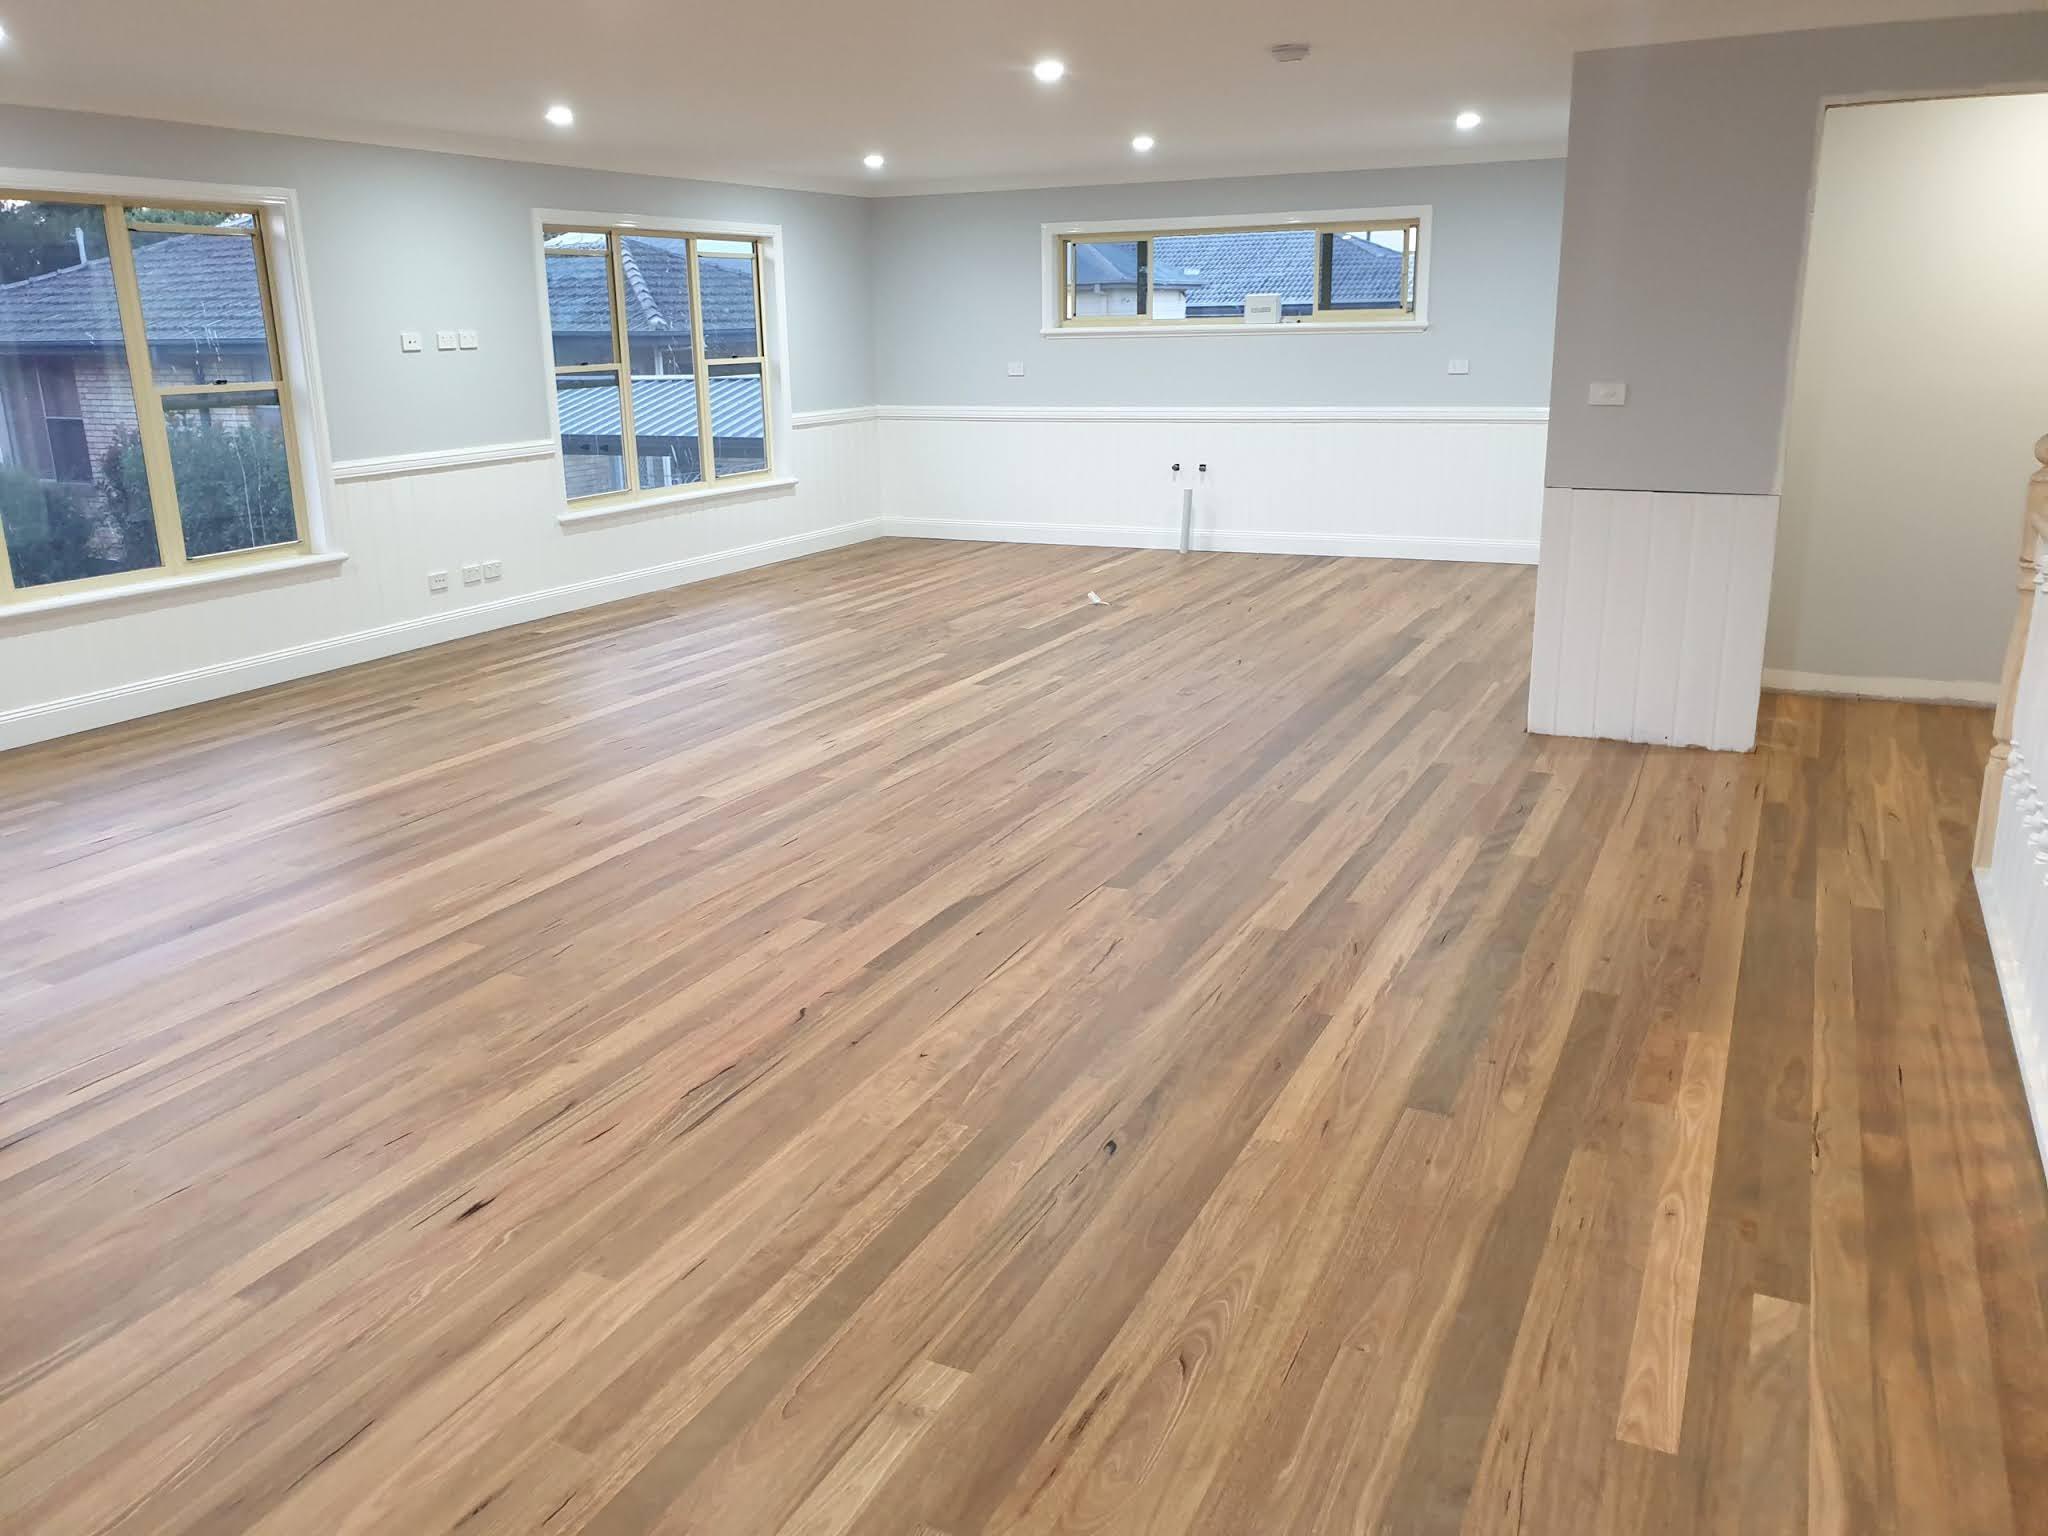 restore old parquet floors